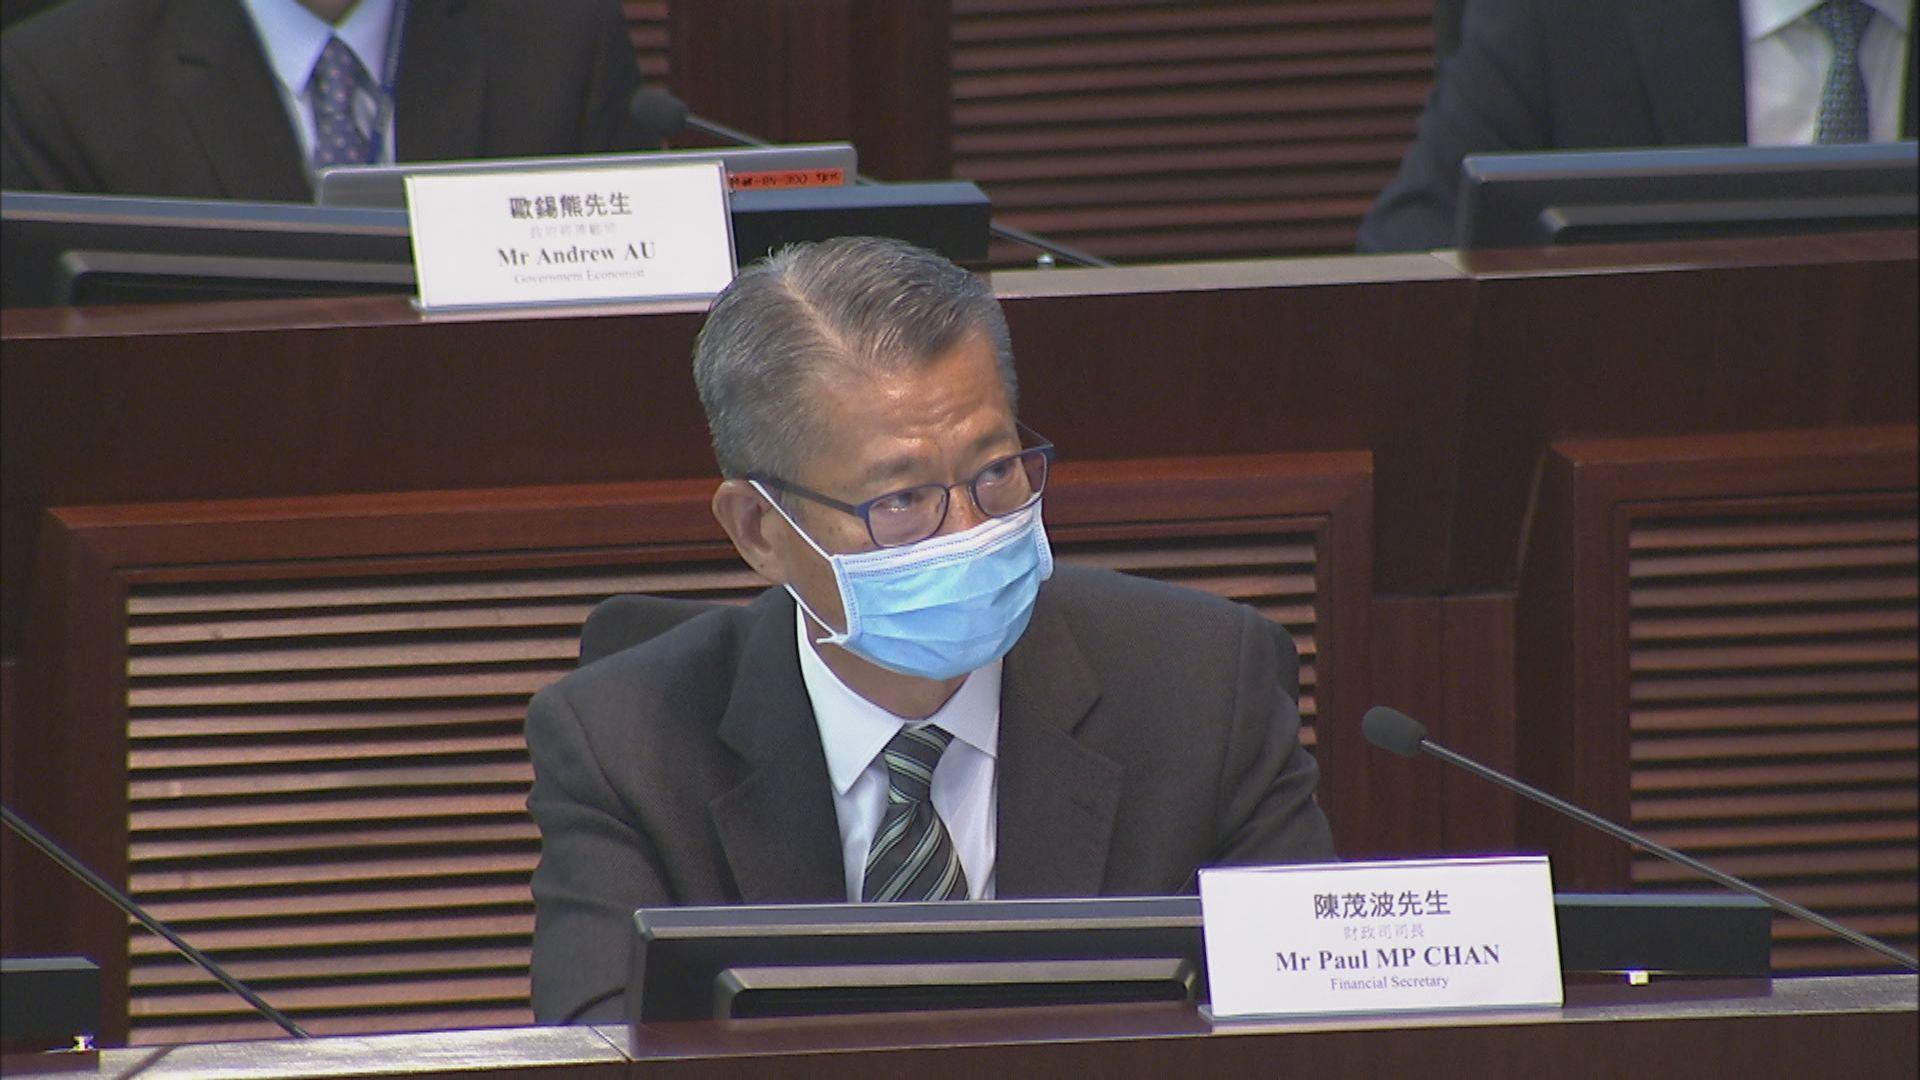 陳茂波:指控許智峯戶口被凍結因部門出錯純粹臆測